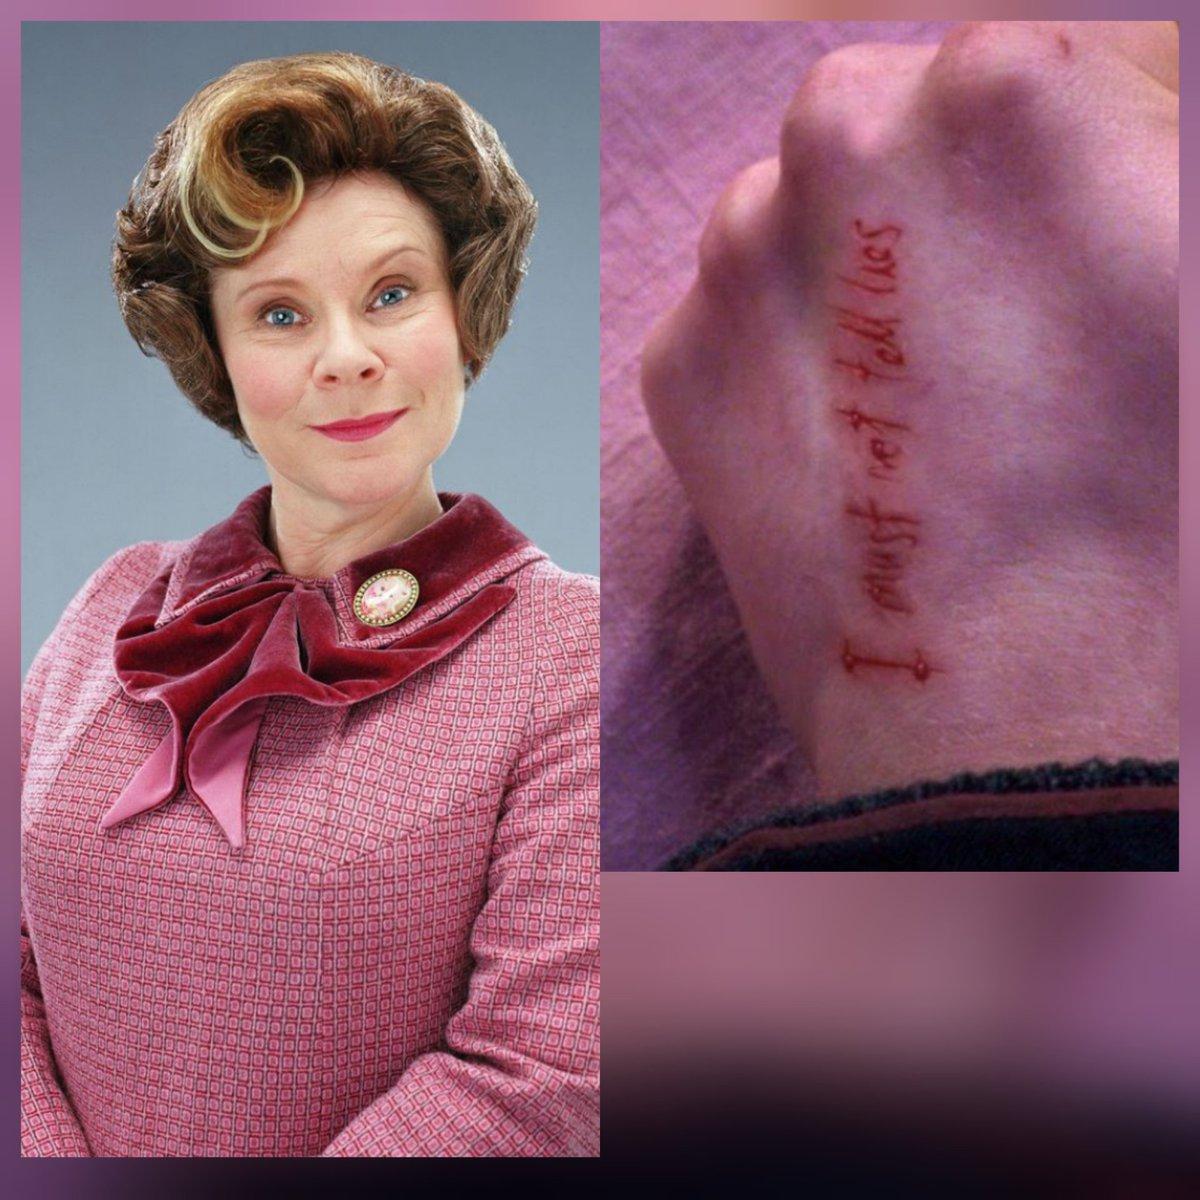 Umbridge yalnızca en kötü Potter karakterlerinden biri değil, Lord Voldemort dışında Harry üzerinde kalıcı bir fiziksel iz bırakan tek kişidir. Bu karakteri sevmeyen kaç kişi ? #gelecek_postasi__